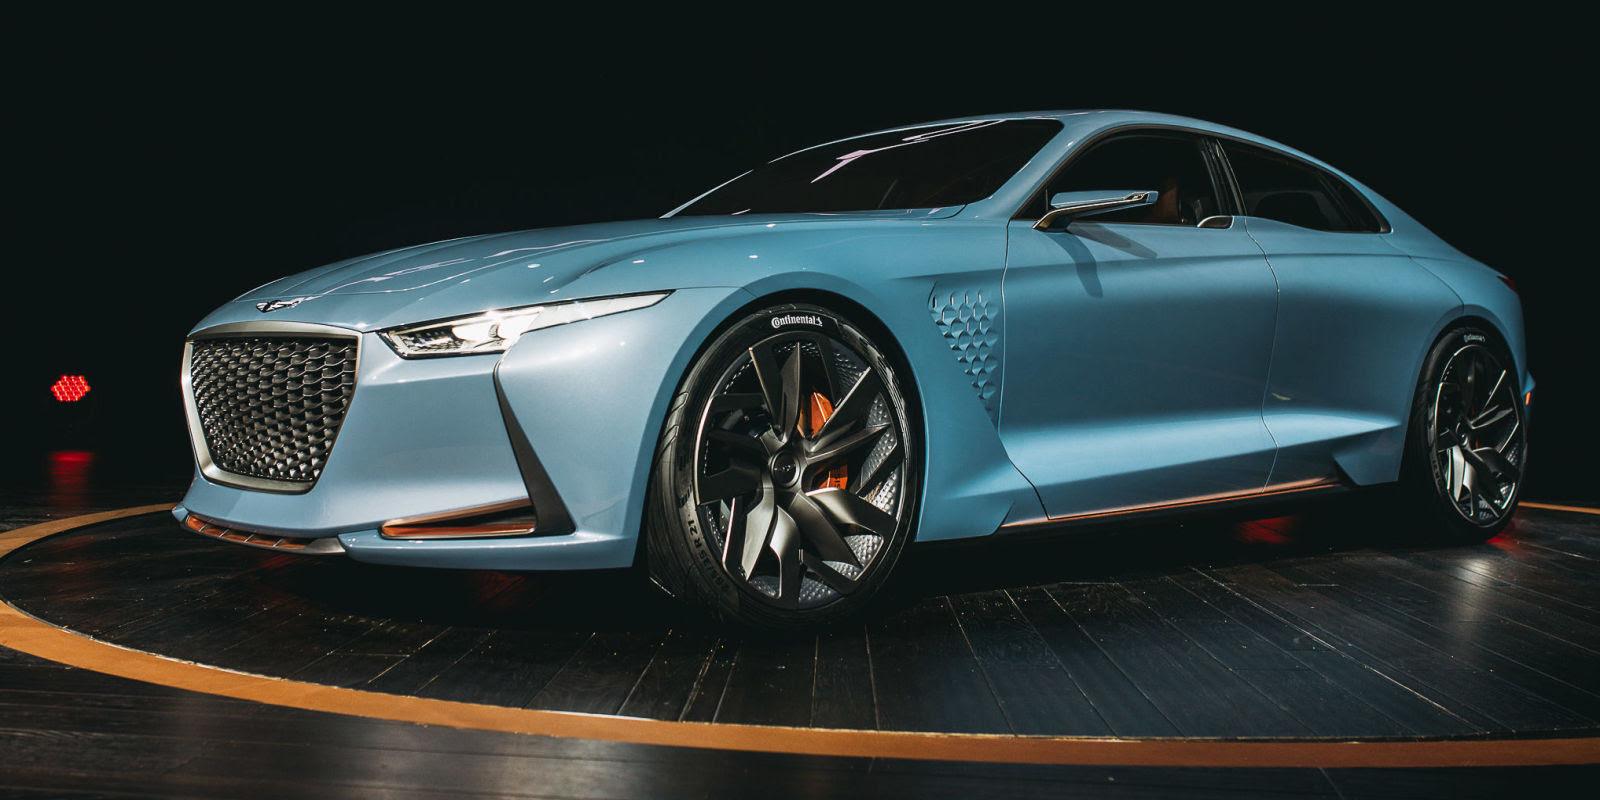 2016 Jaguar Xj Spy Shots   2017 - 2018 Best Cars Reviews